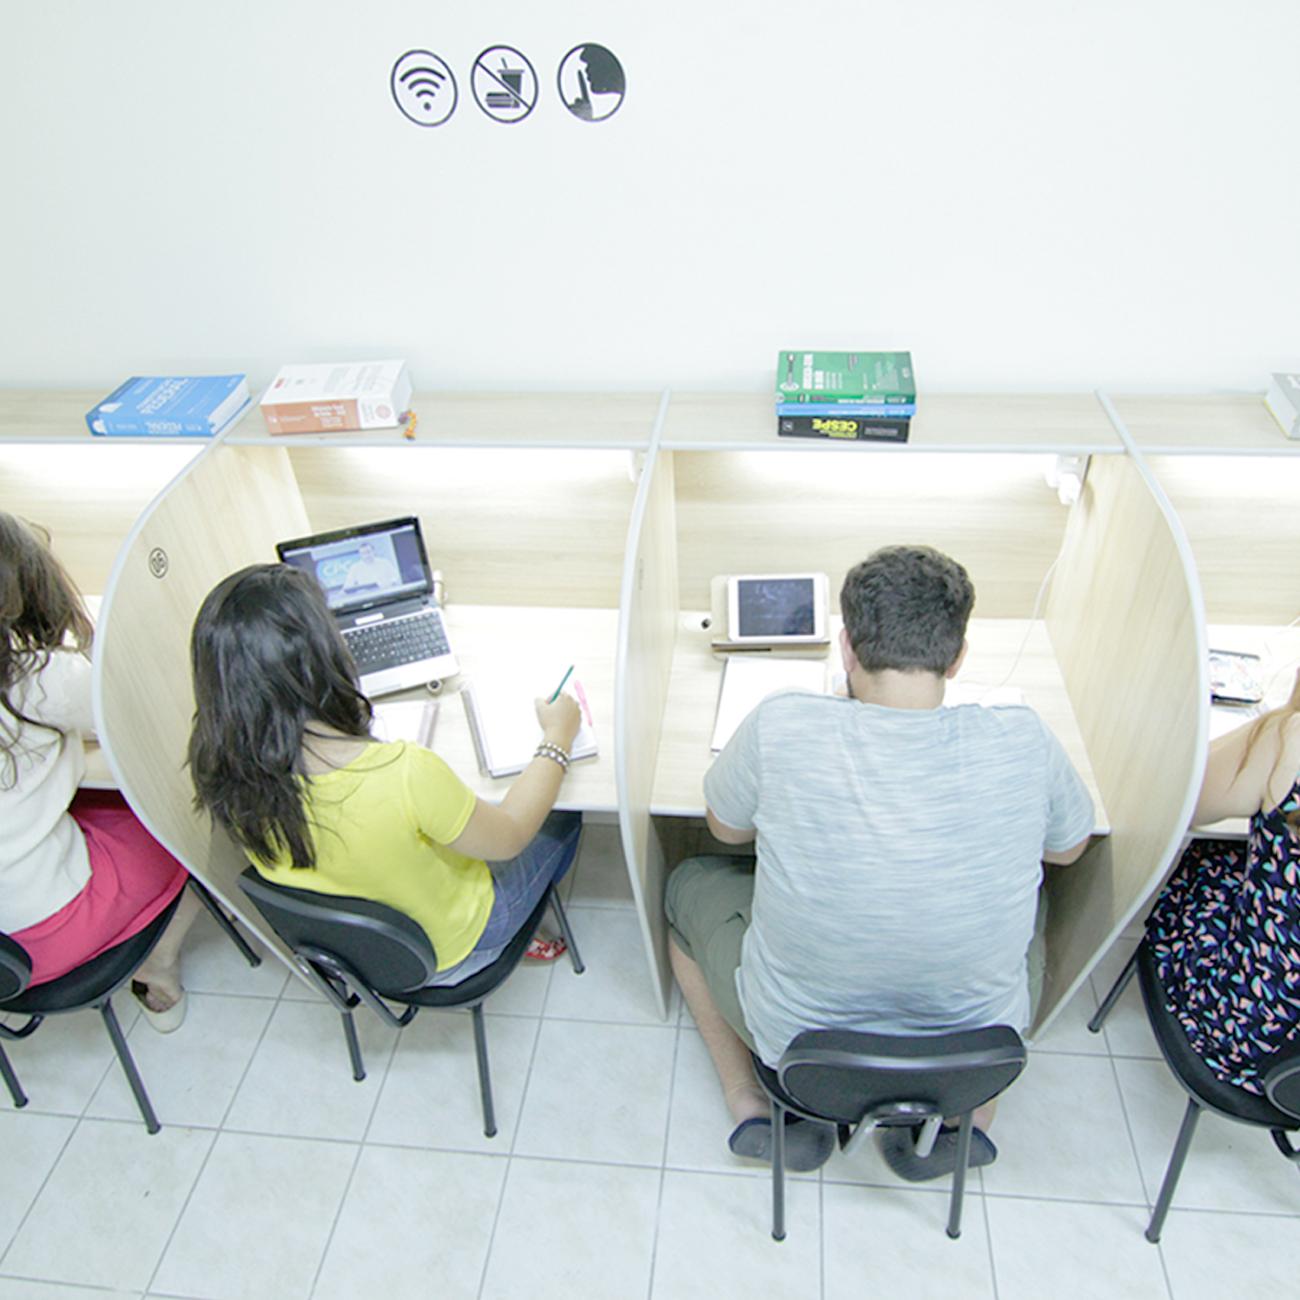 Salas de estudos estão sendo cada vez mais procuradas no Ceará (FOTO: Divulgação)